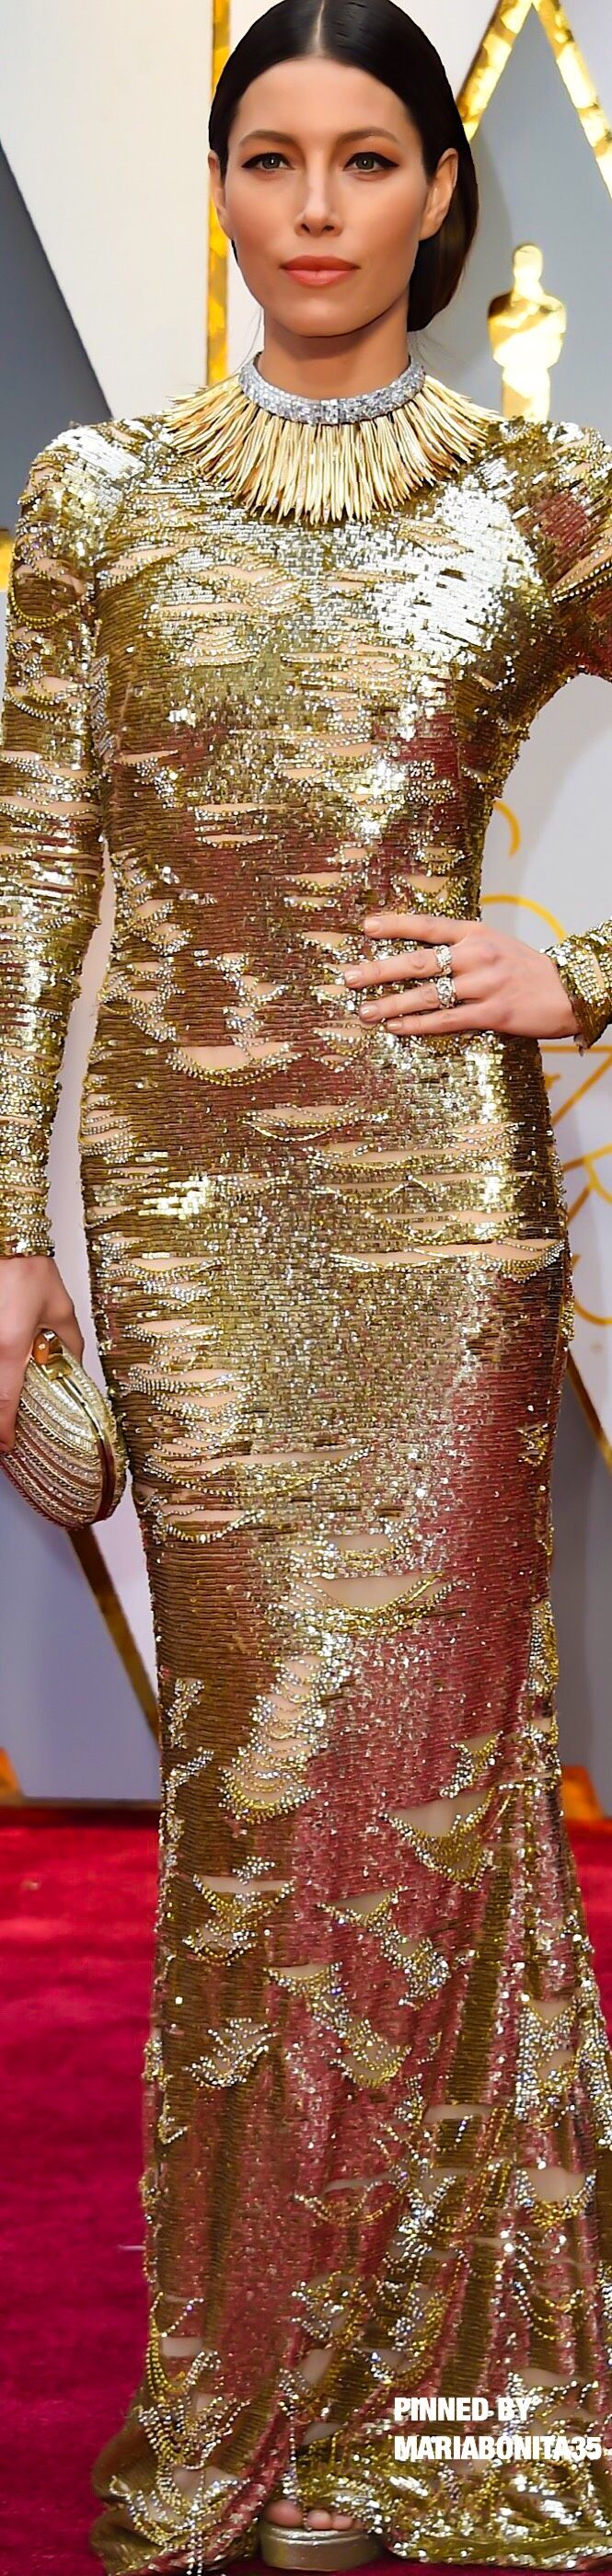 2017 Oscar Awards Red Carpet Jessica Biel gown Kaufman Franco Tiffany & Co Jewels